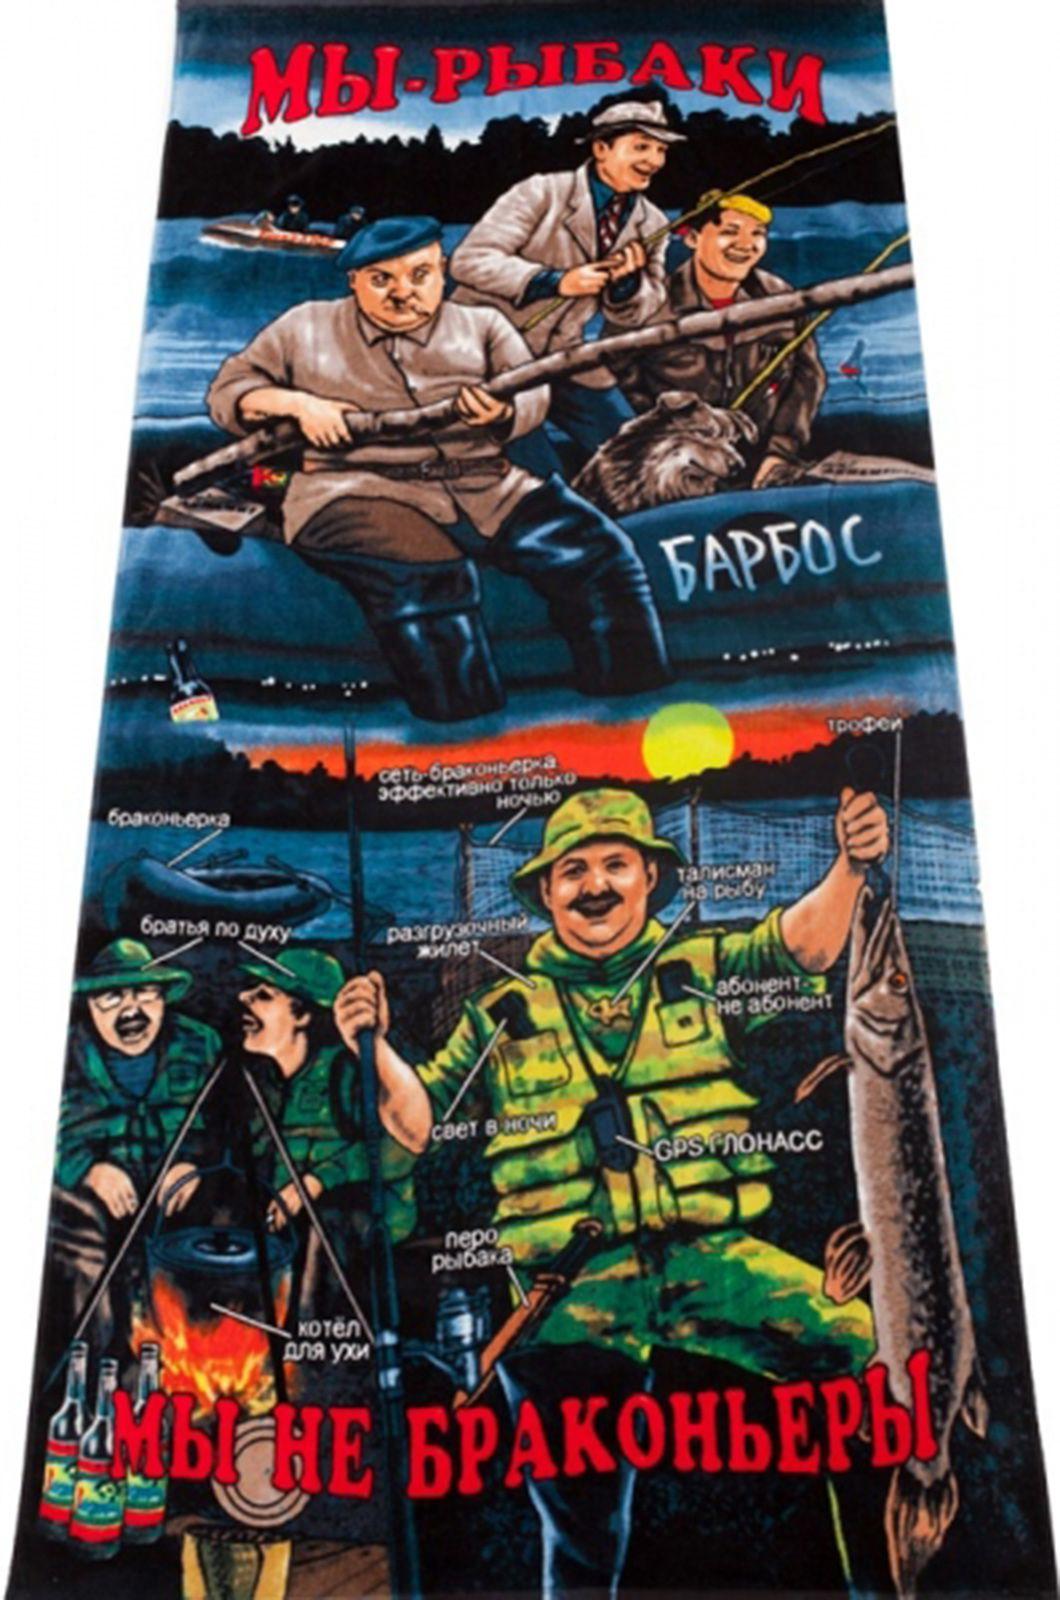 Подарок рыболову - полотенце «Мы Рыбаки, Мы не Браконьеры»